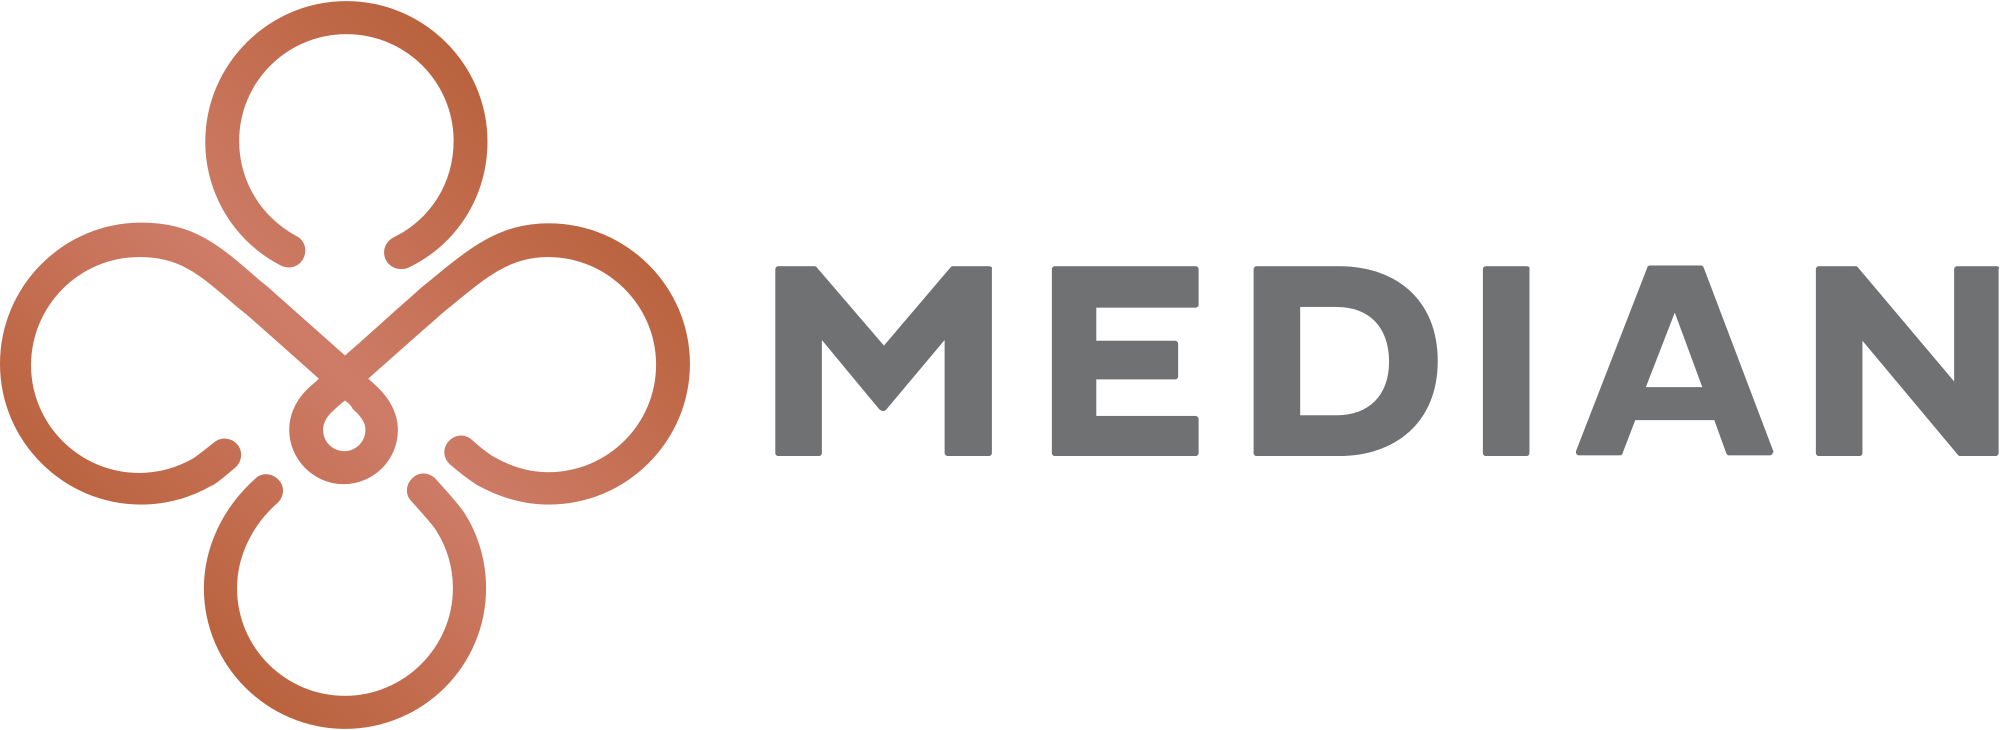 MEDIAN Logo